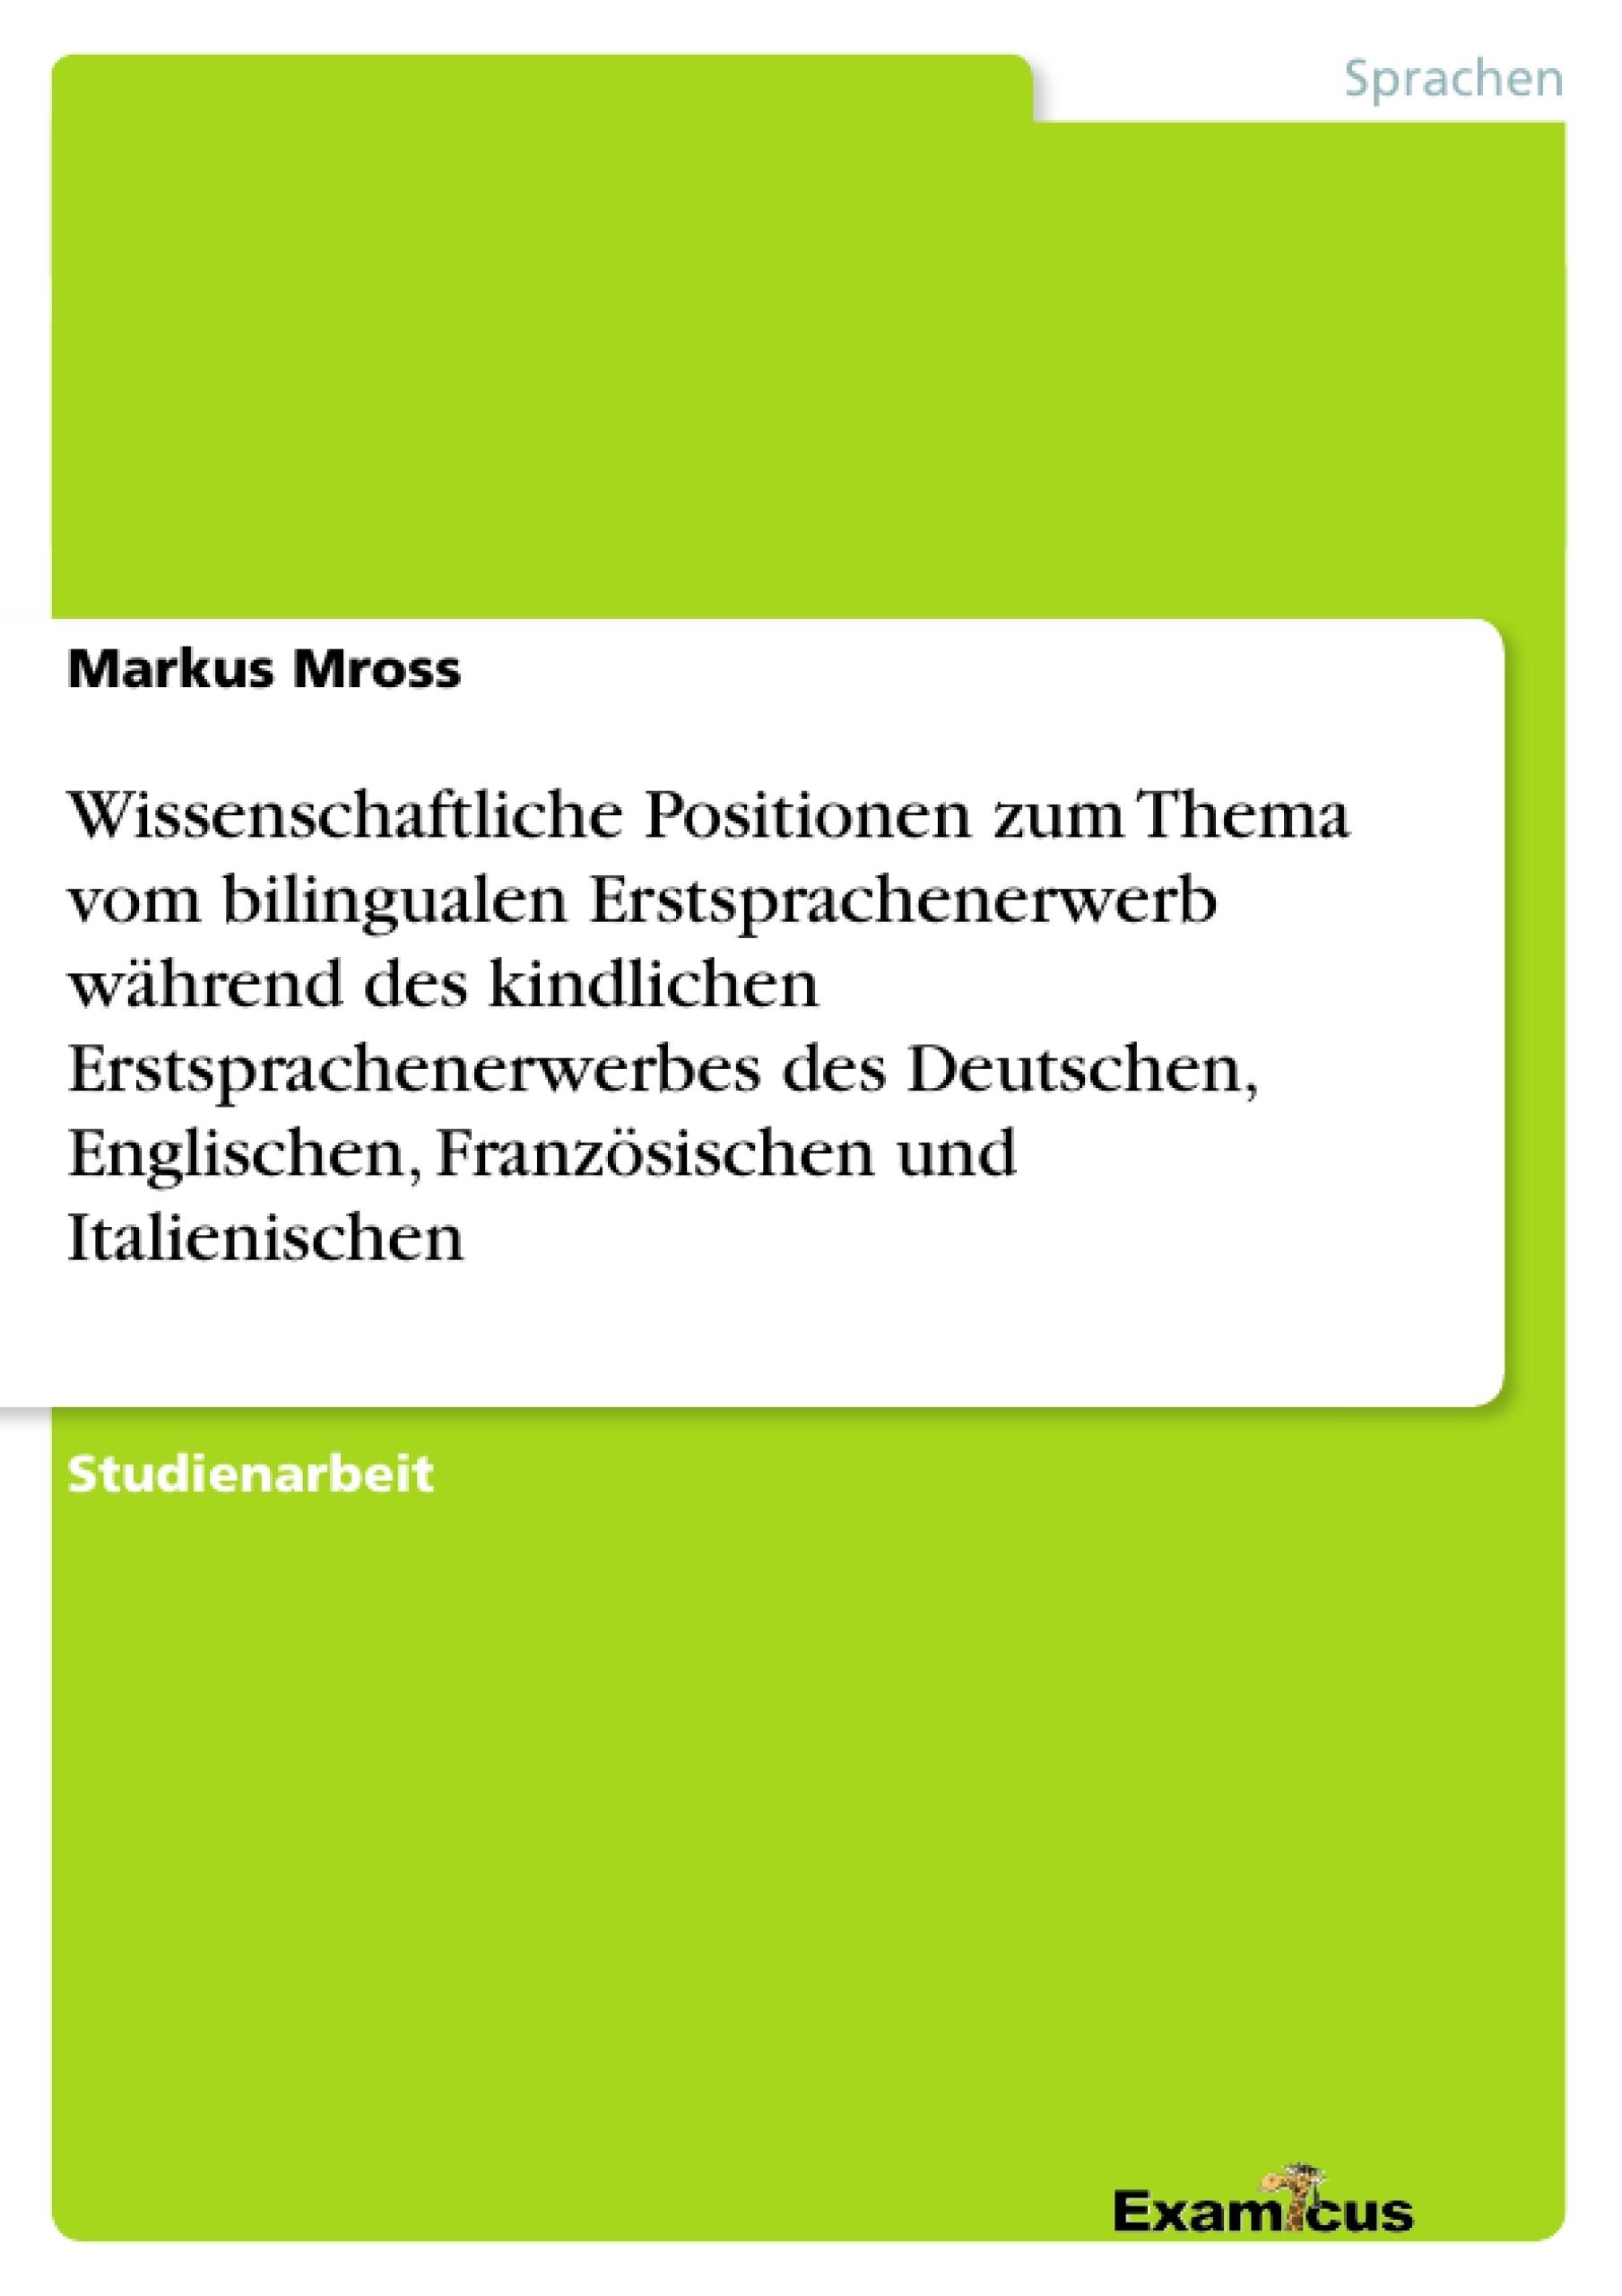 Titel: Wissenschaftliche Positionen zum Thema vom bilingualen Erstsprachenerwerb während des kindlichen Erstsprachenerwerbes des Deutschen, Englischen, Französischen und Italienischen